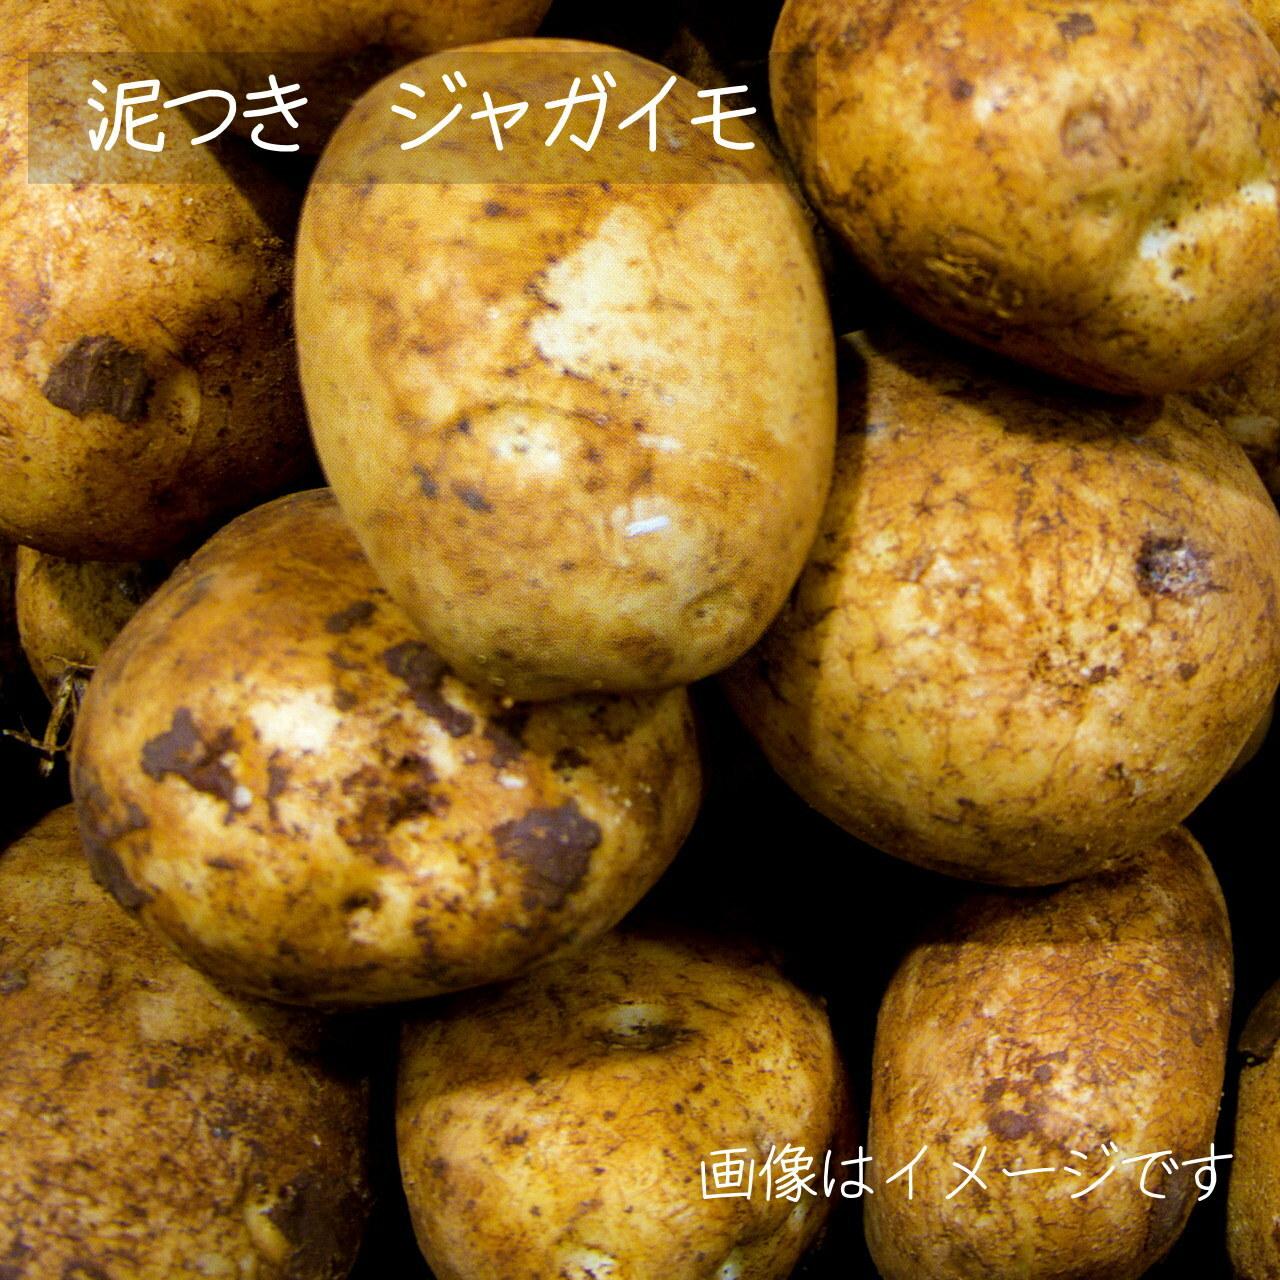 11月の朝採り直売野菜 : ジャガイモ 約600g 新鮮な秋野菜 11月2日発送予定